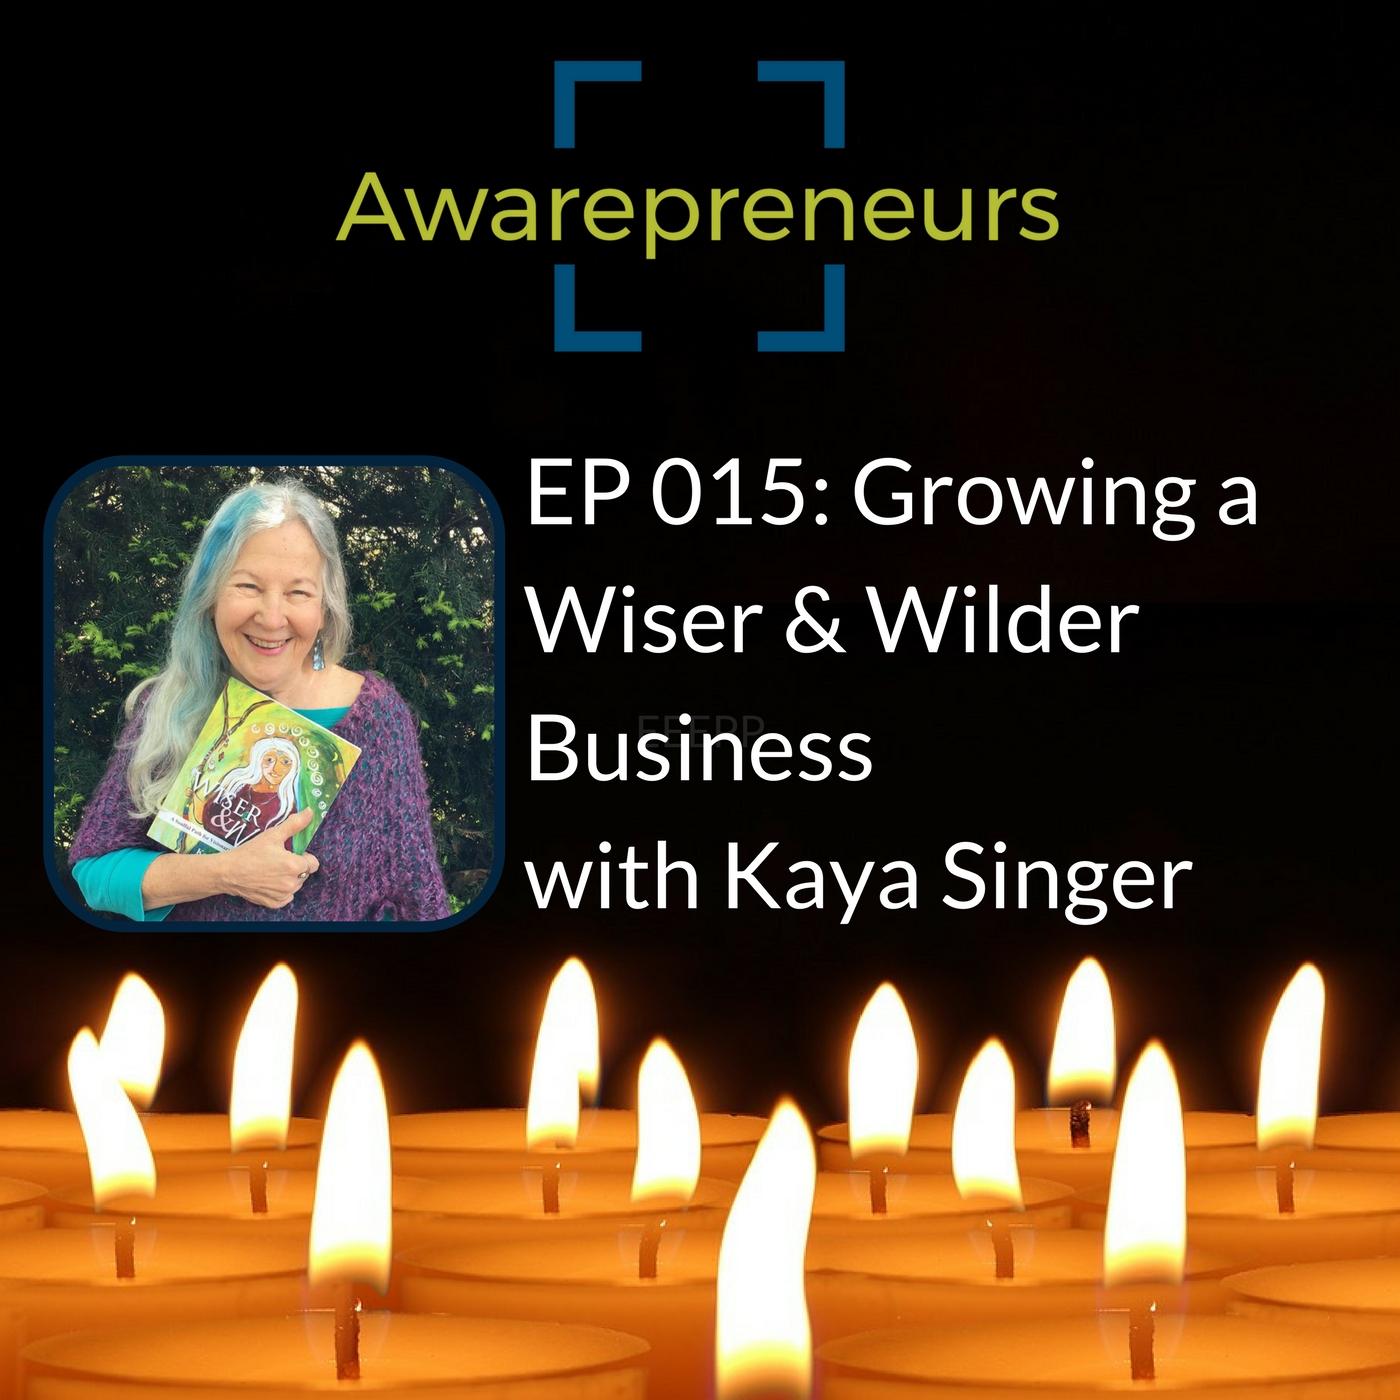 EP 015 Kaya Singer.jpg